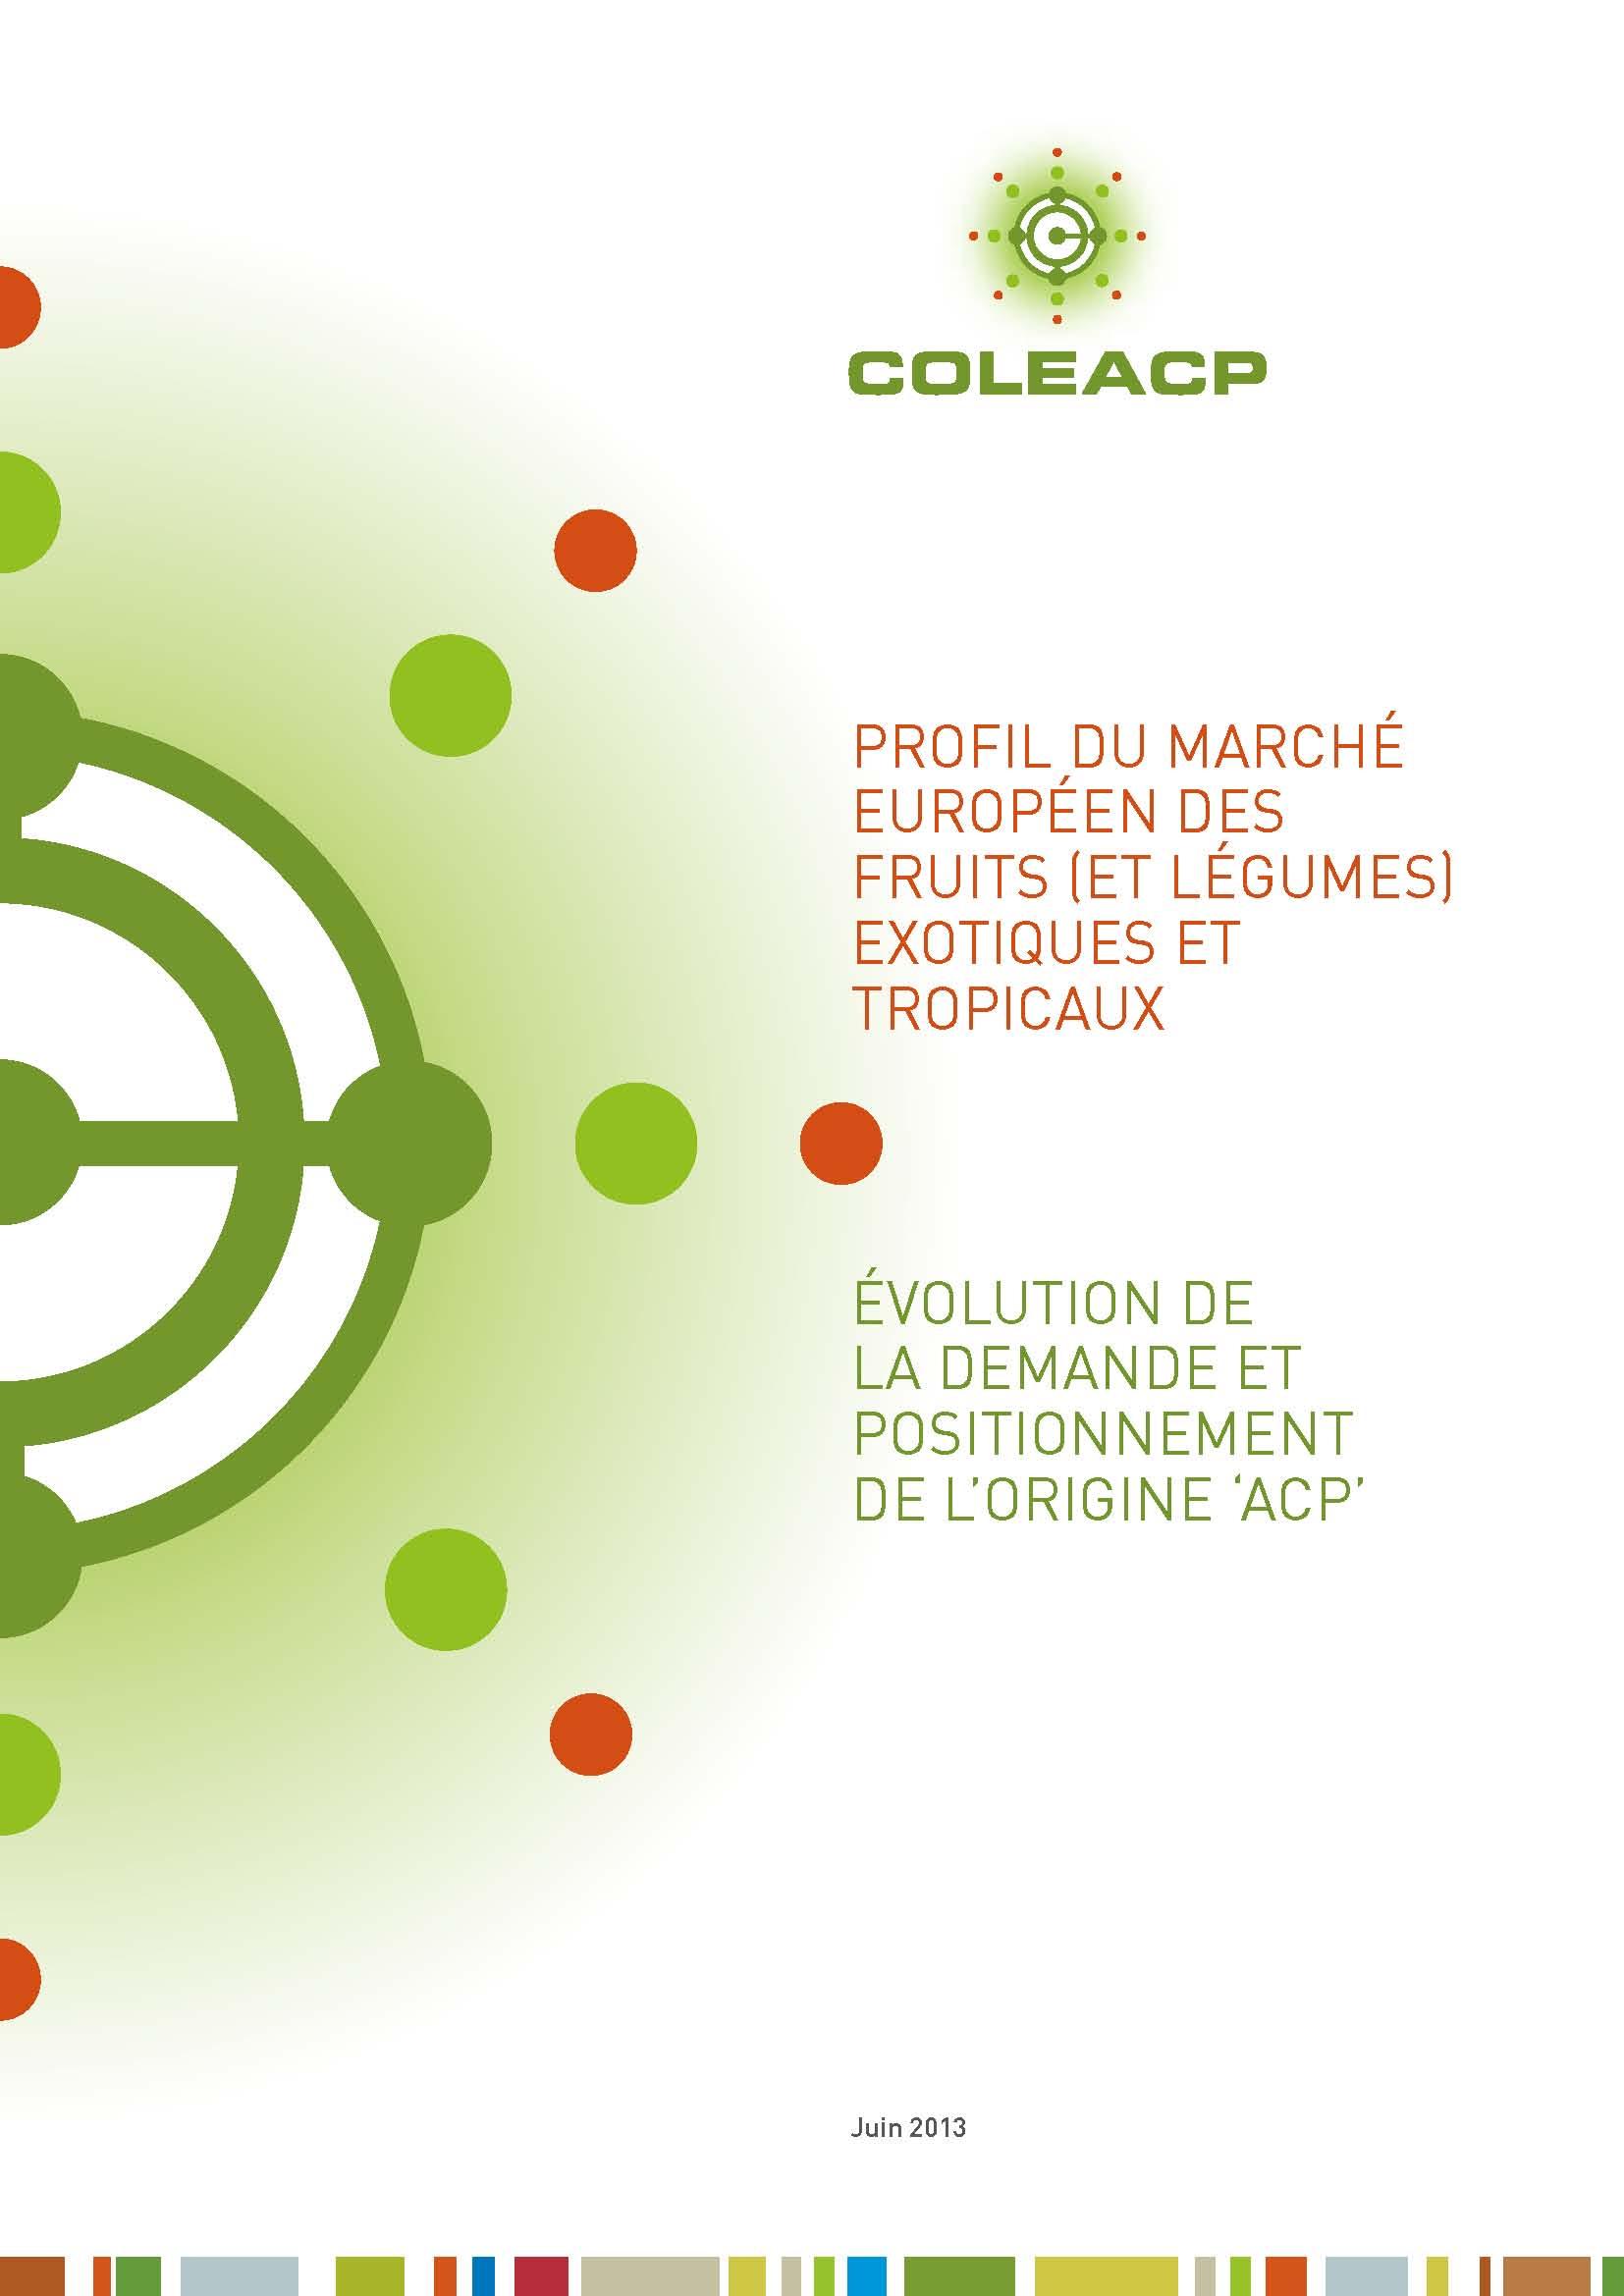 Marchés des fruits et légumes exotiques en Europe : quelles nouvelles opportunités pour les producteurs-exportateurs ACP ?